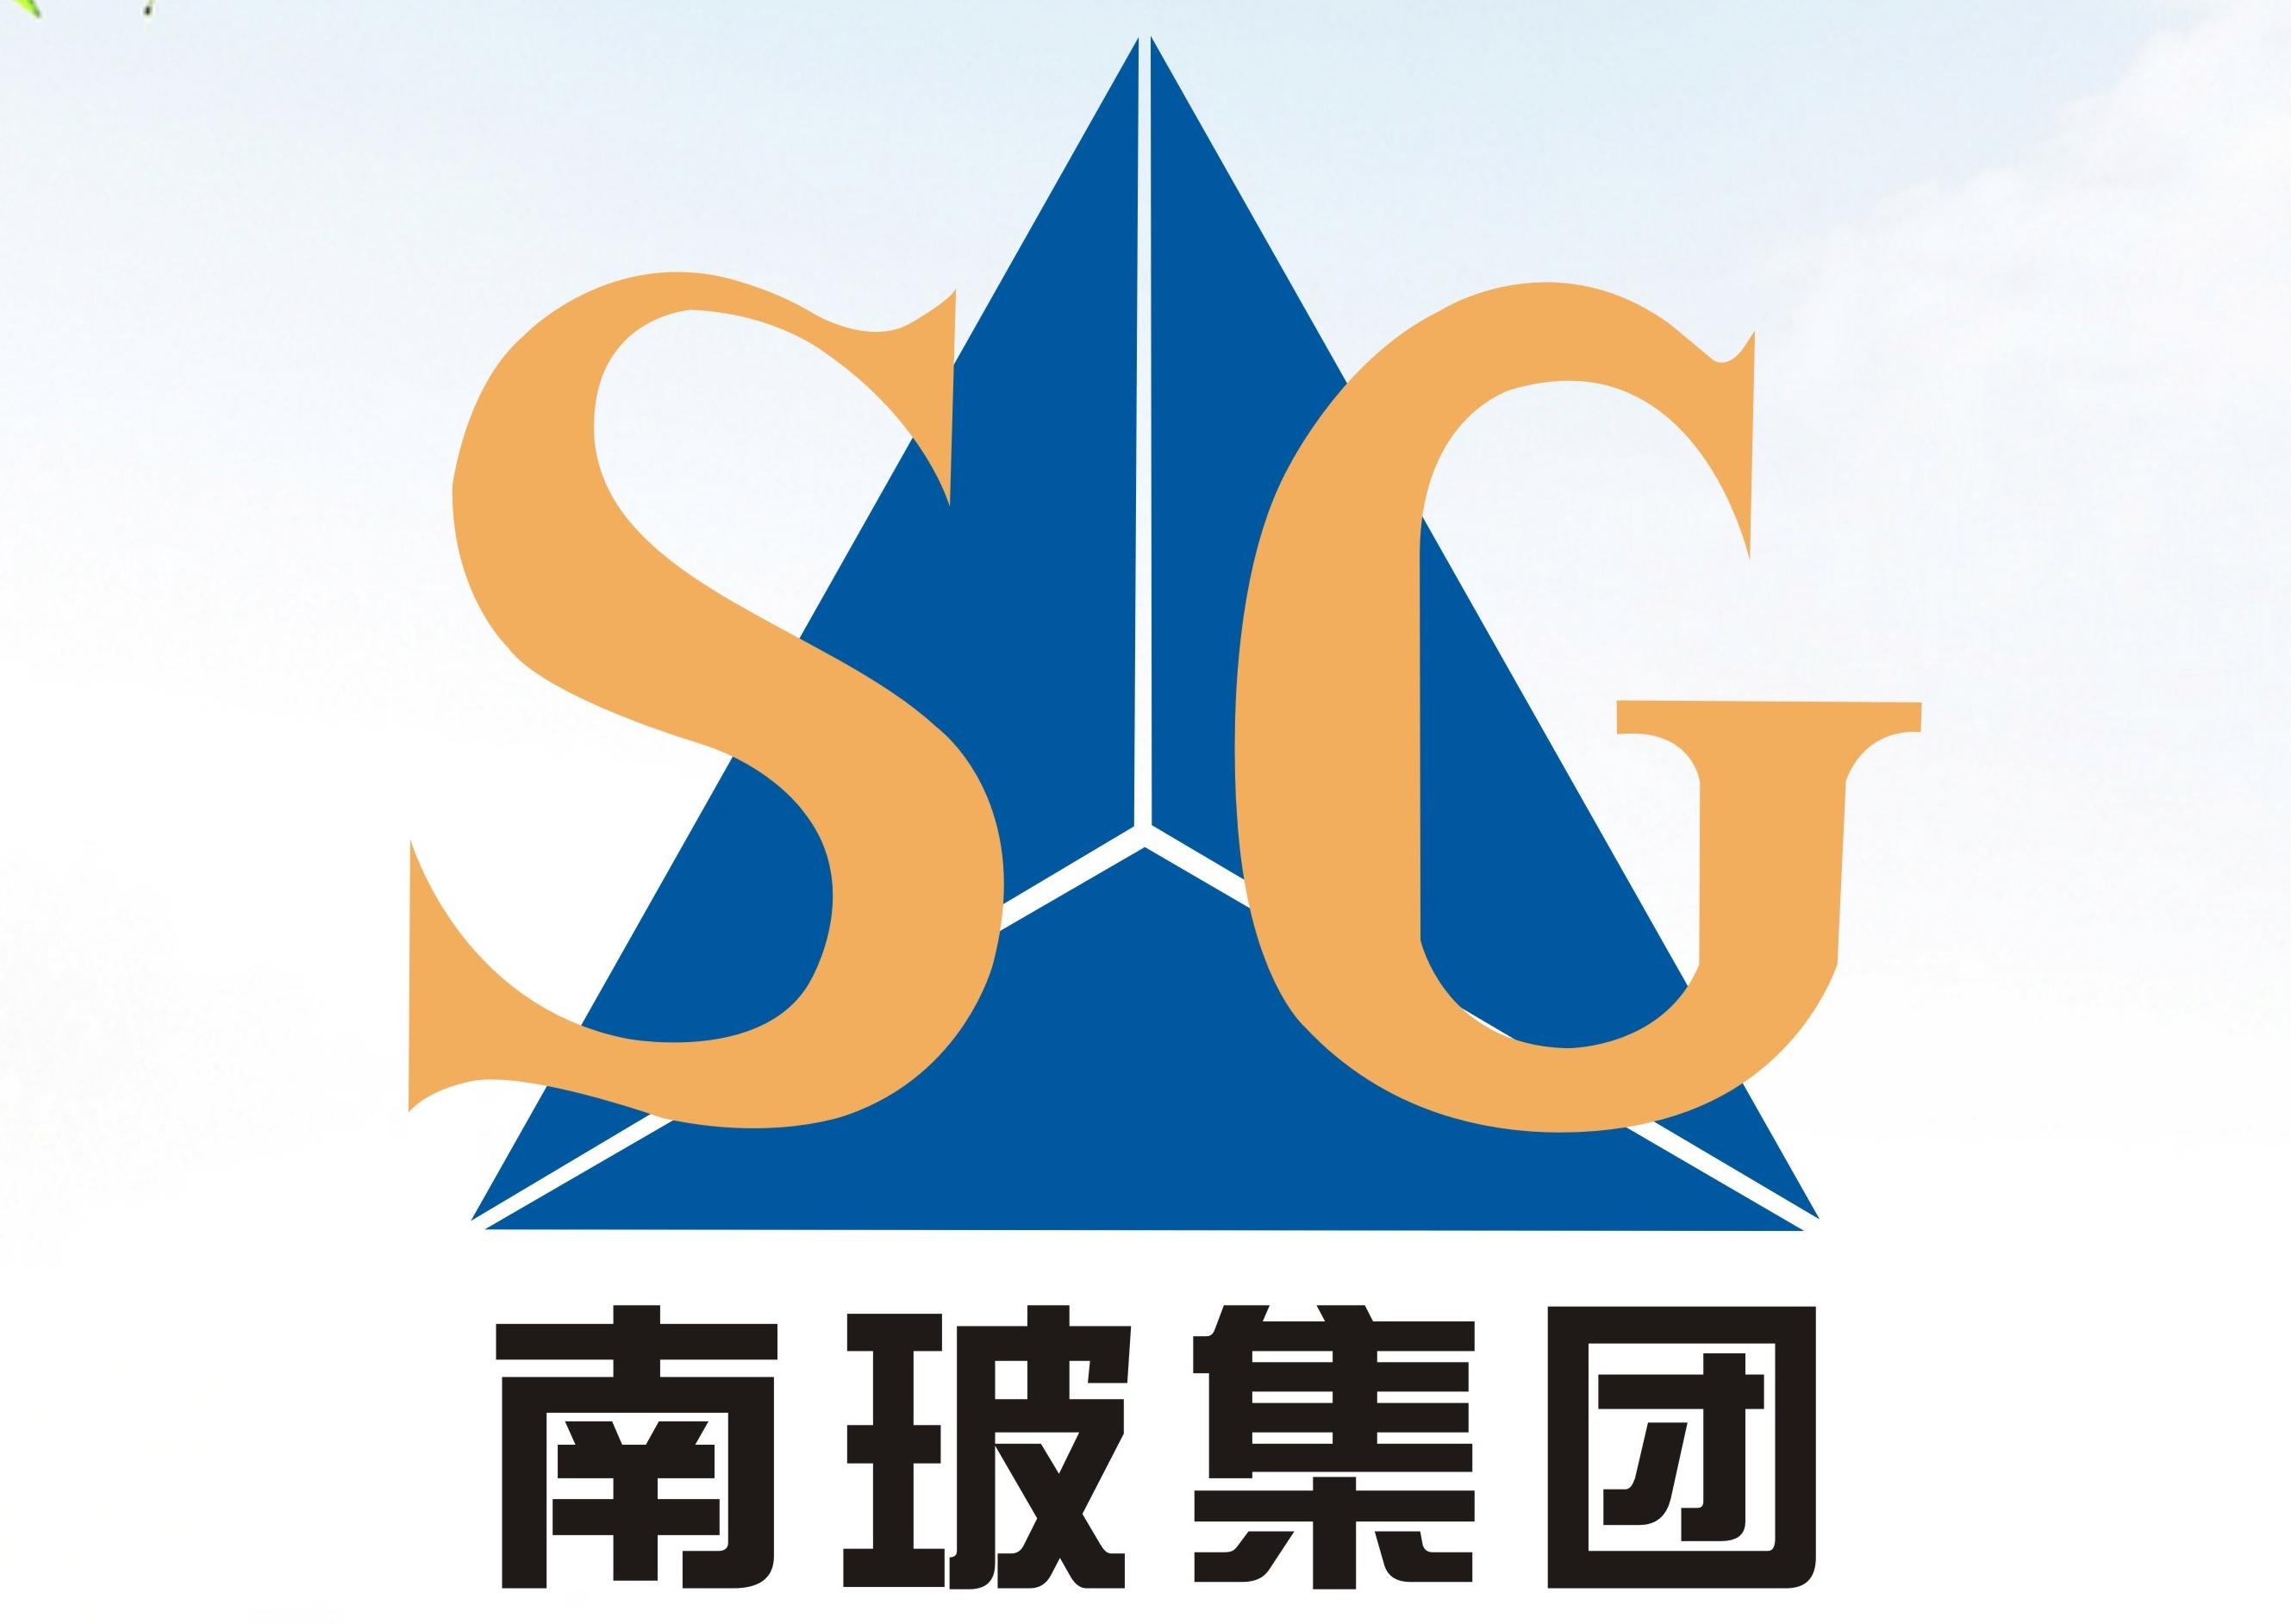 咸宁南玻玻璃有限公司